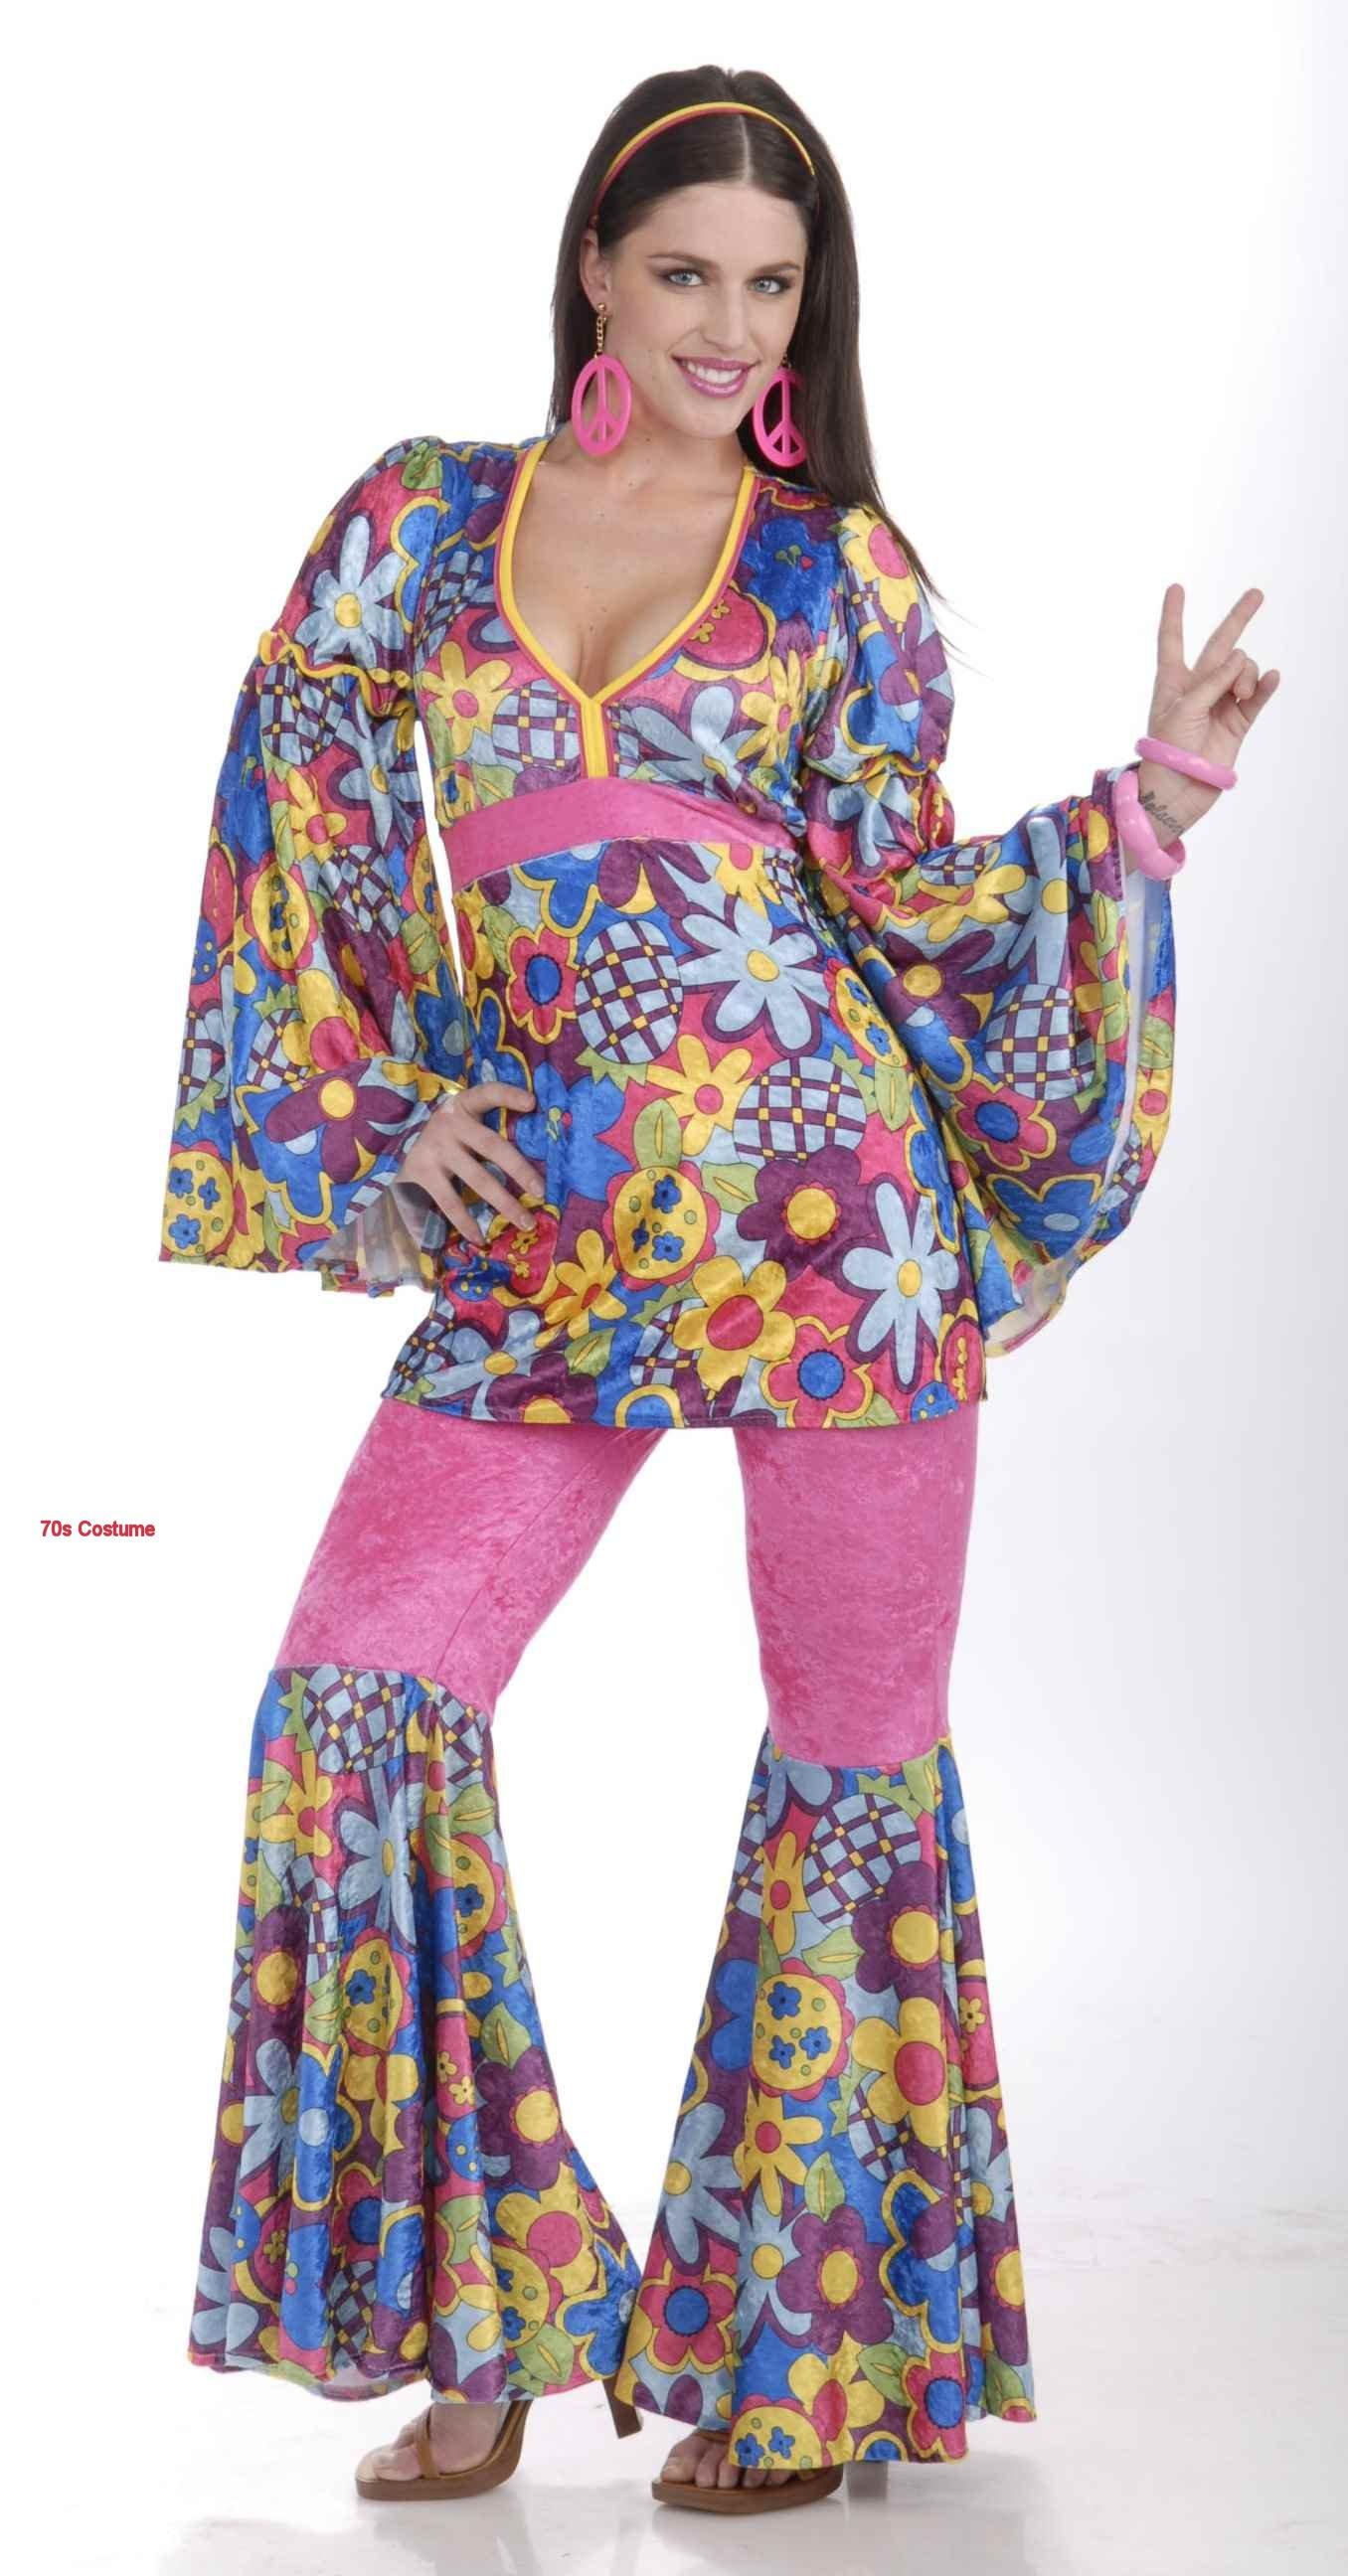 70s Theme Party Clothes | 70s Attire | 1970s Disco